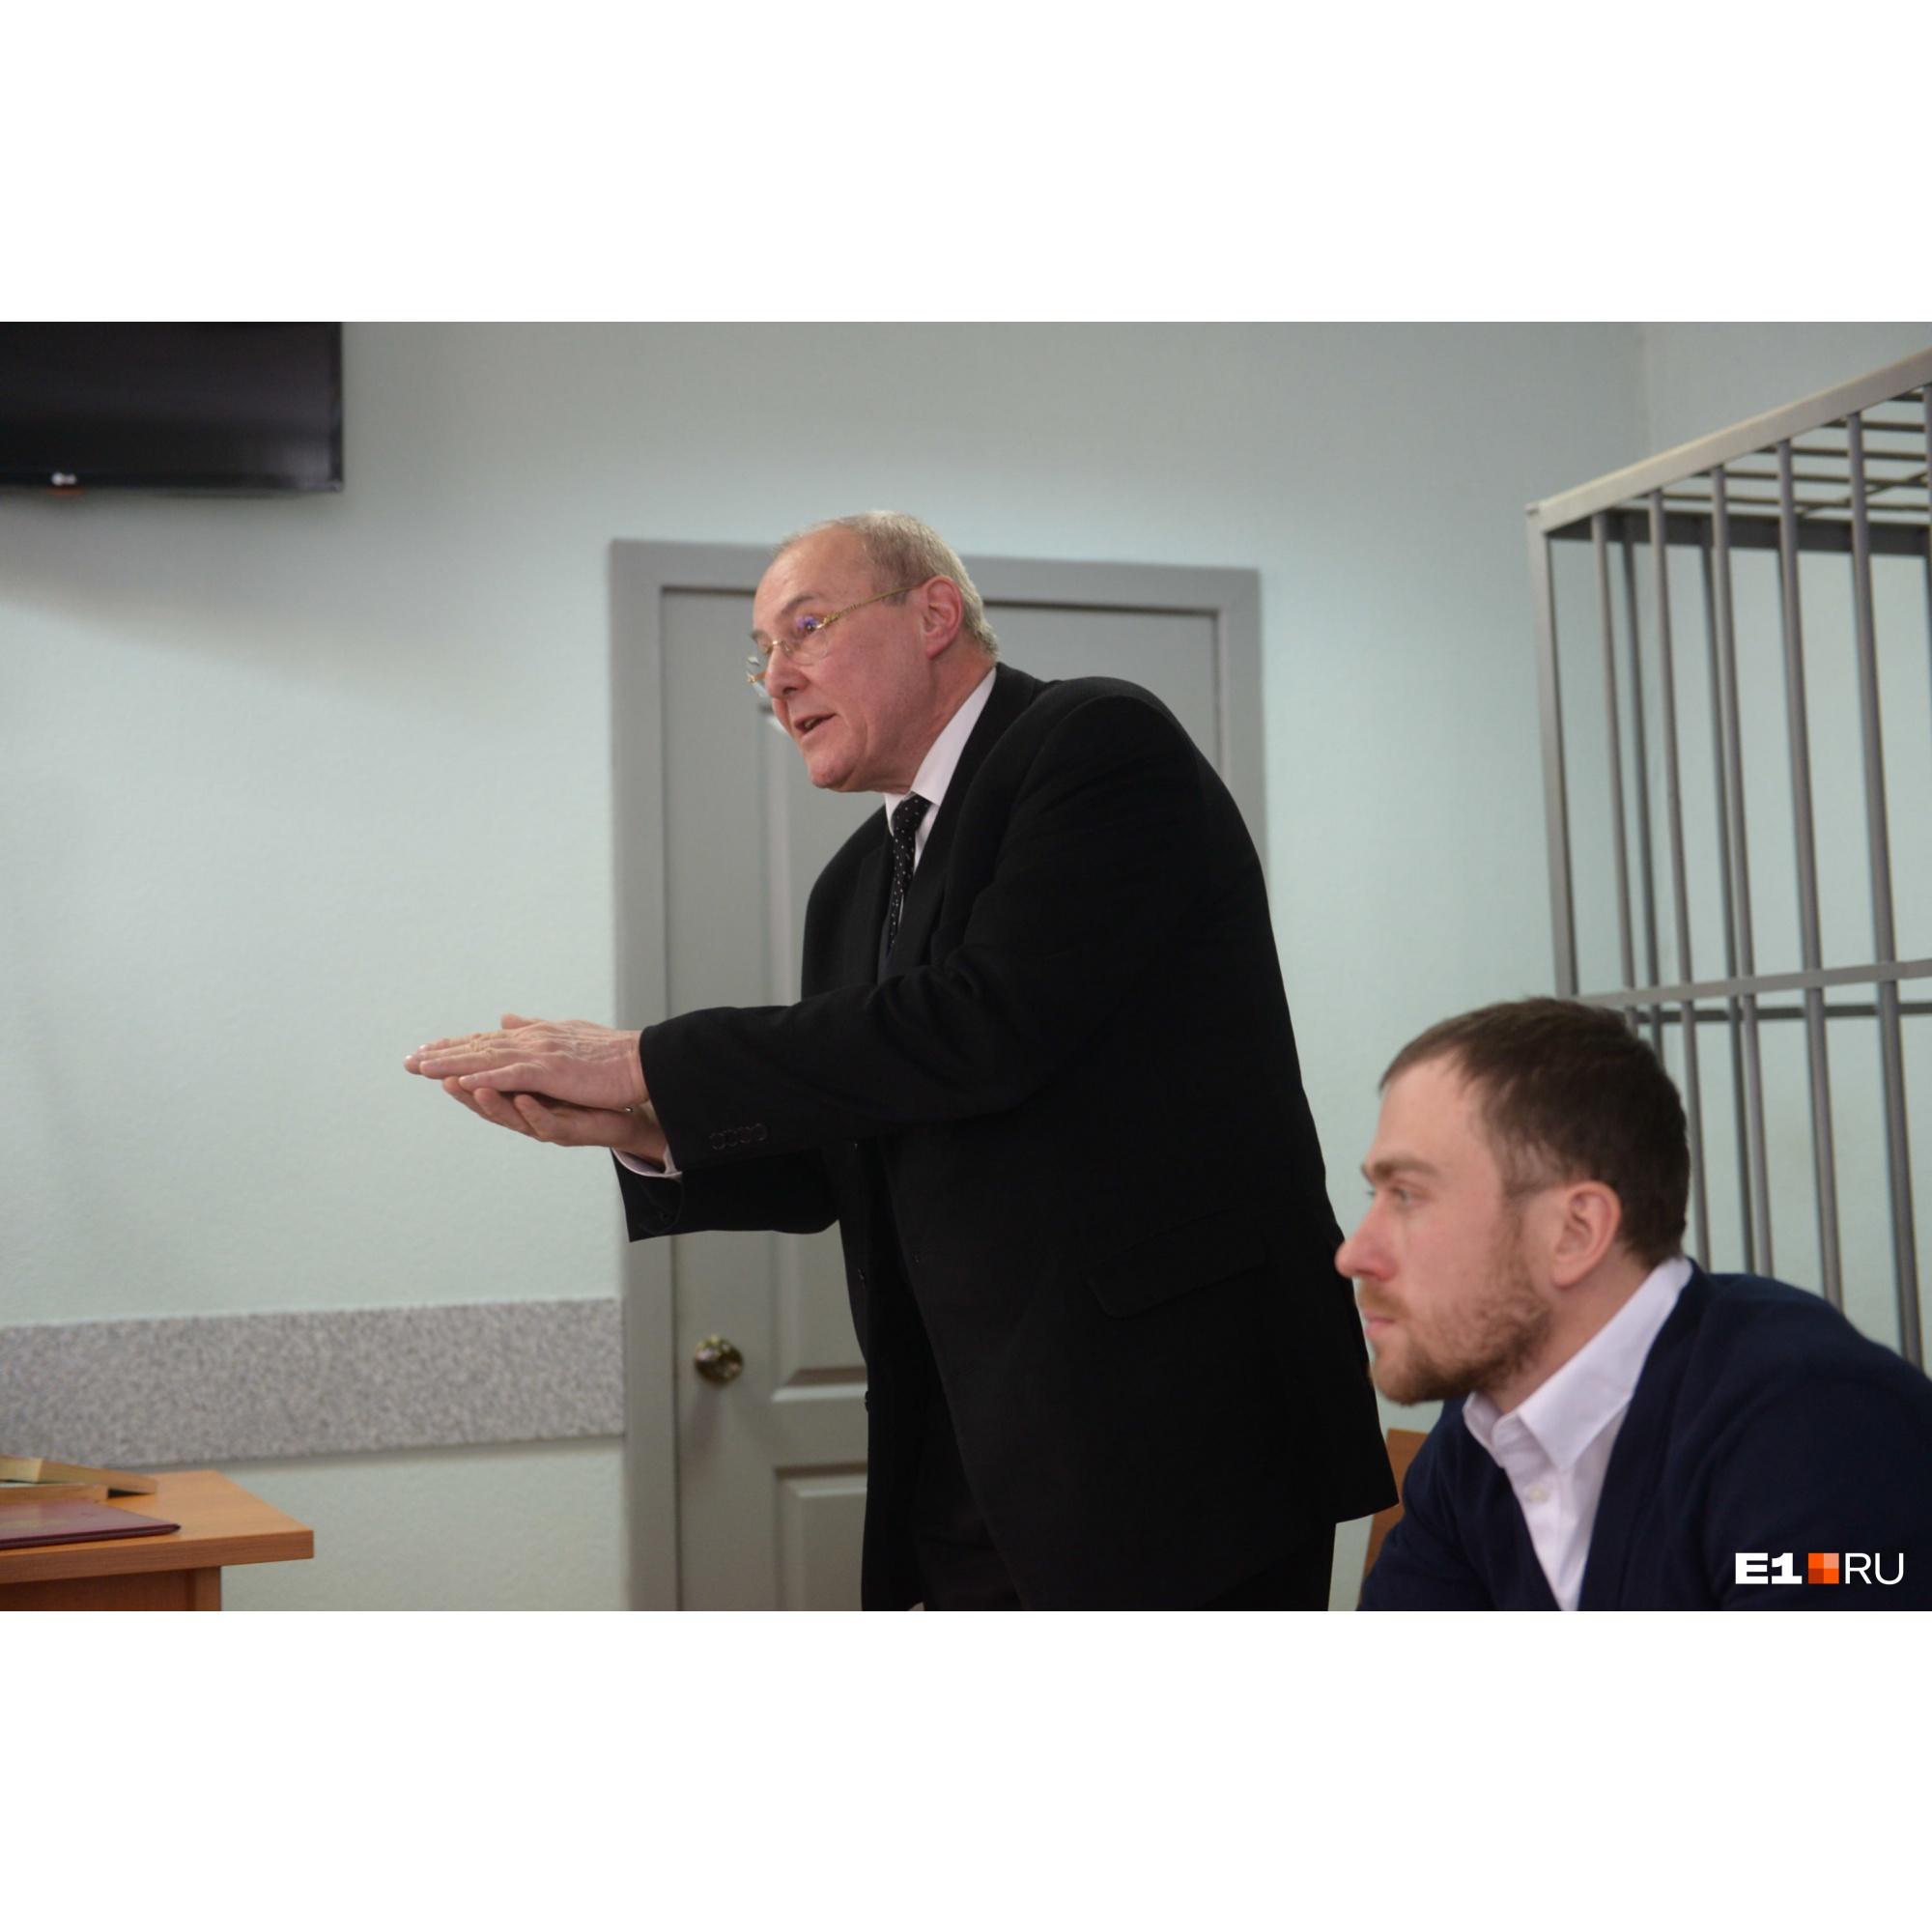 Адвокат Игорь Михайлович был эмоционален и заявил, что судья не дал защите ознакомиться с многотомными материалами следствия